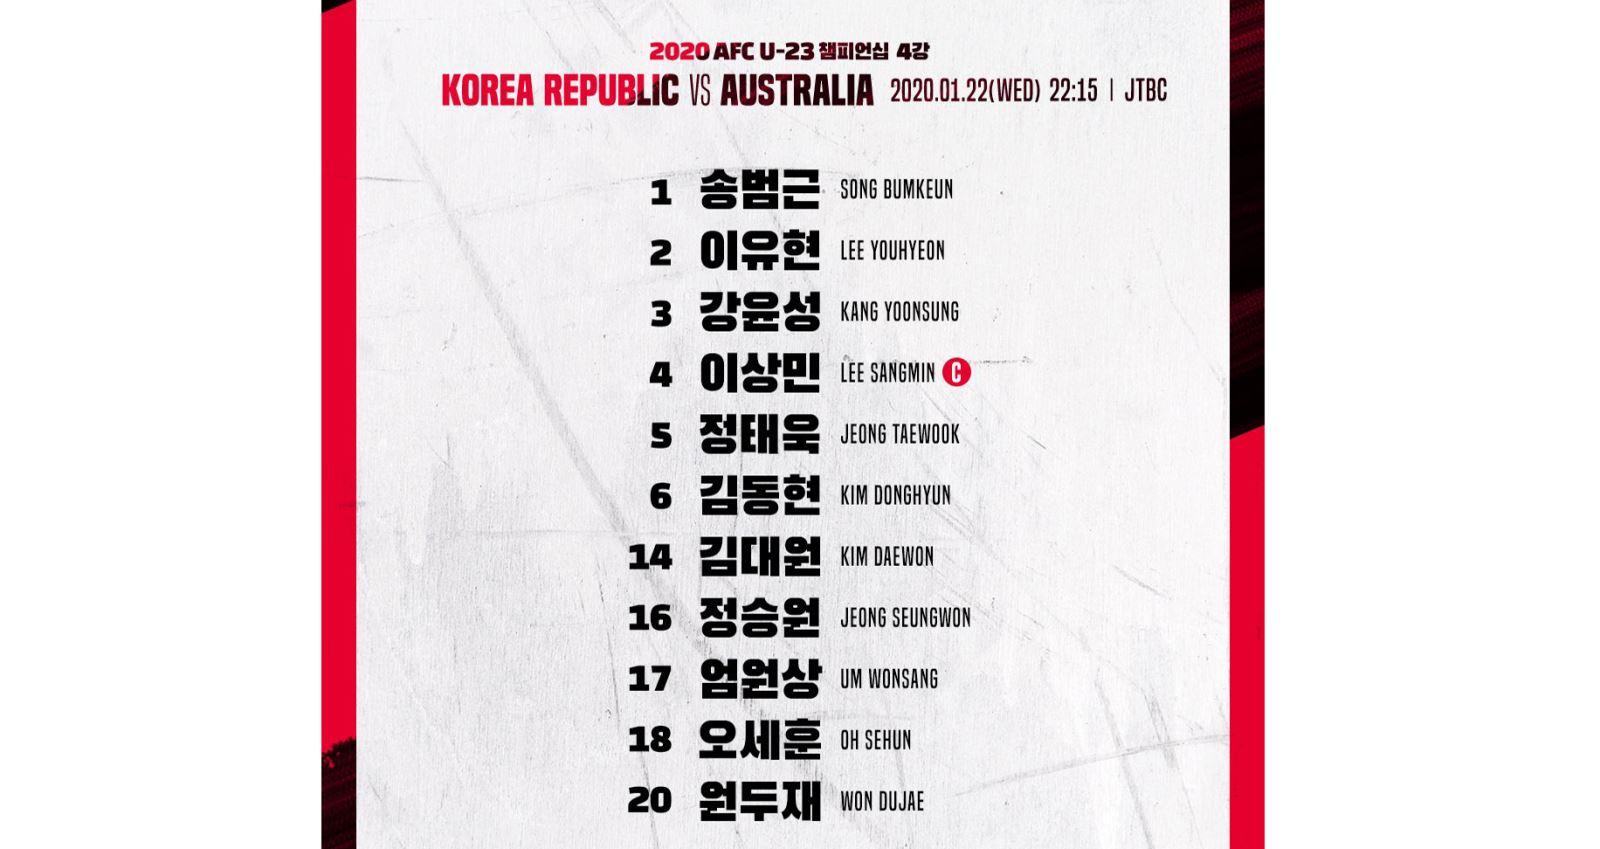 Xem bóng đá trực tiếp VTV6, VTV6, U23 Úc vs U23 Hàn Quốc, xem trực tiếp U23 Úc vs U23 Hàn Quốc, Australia vs Hàn Quốc, truc tiep bong da, lich thi dau bong da hom nay